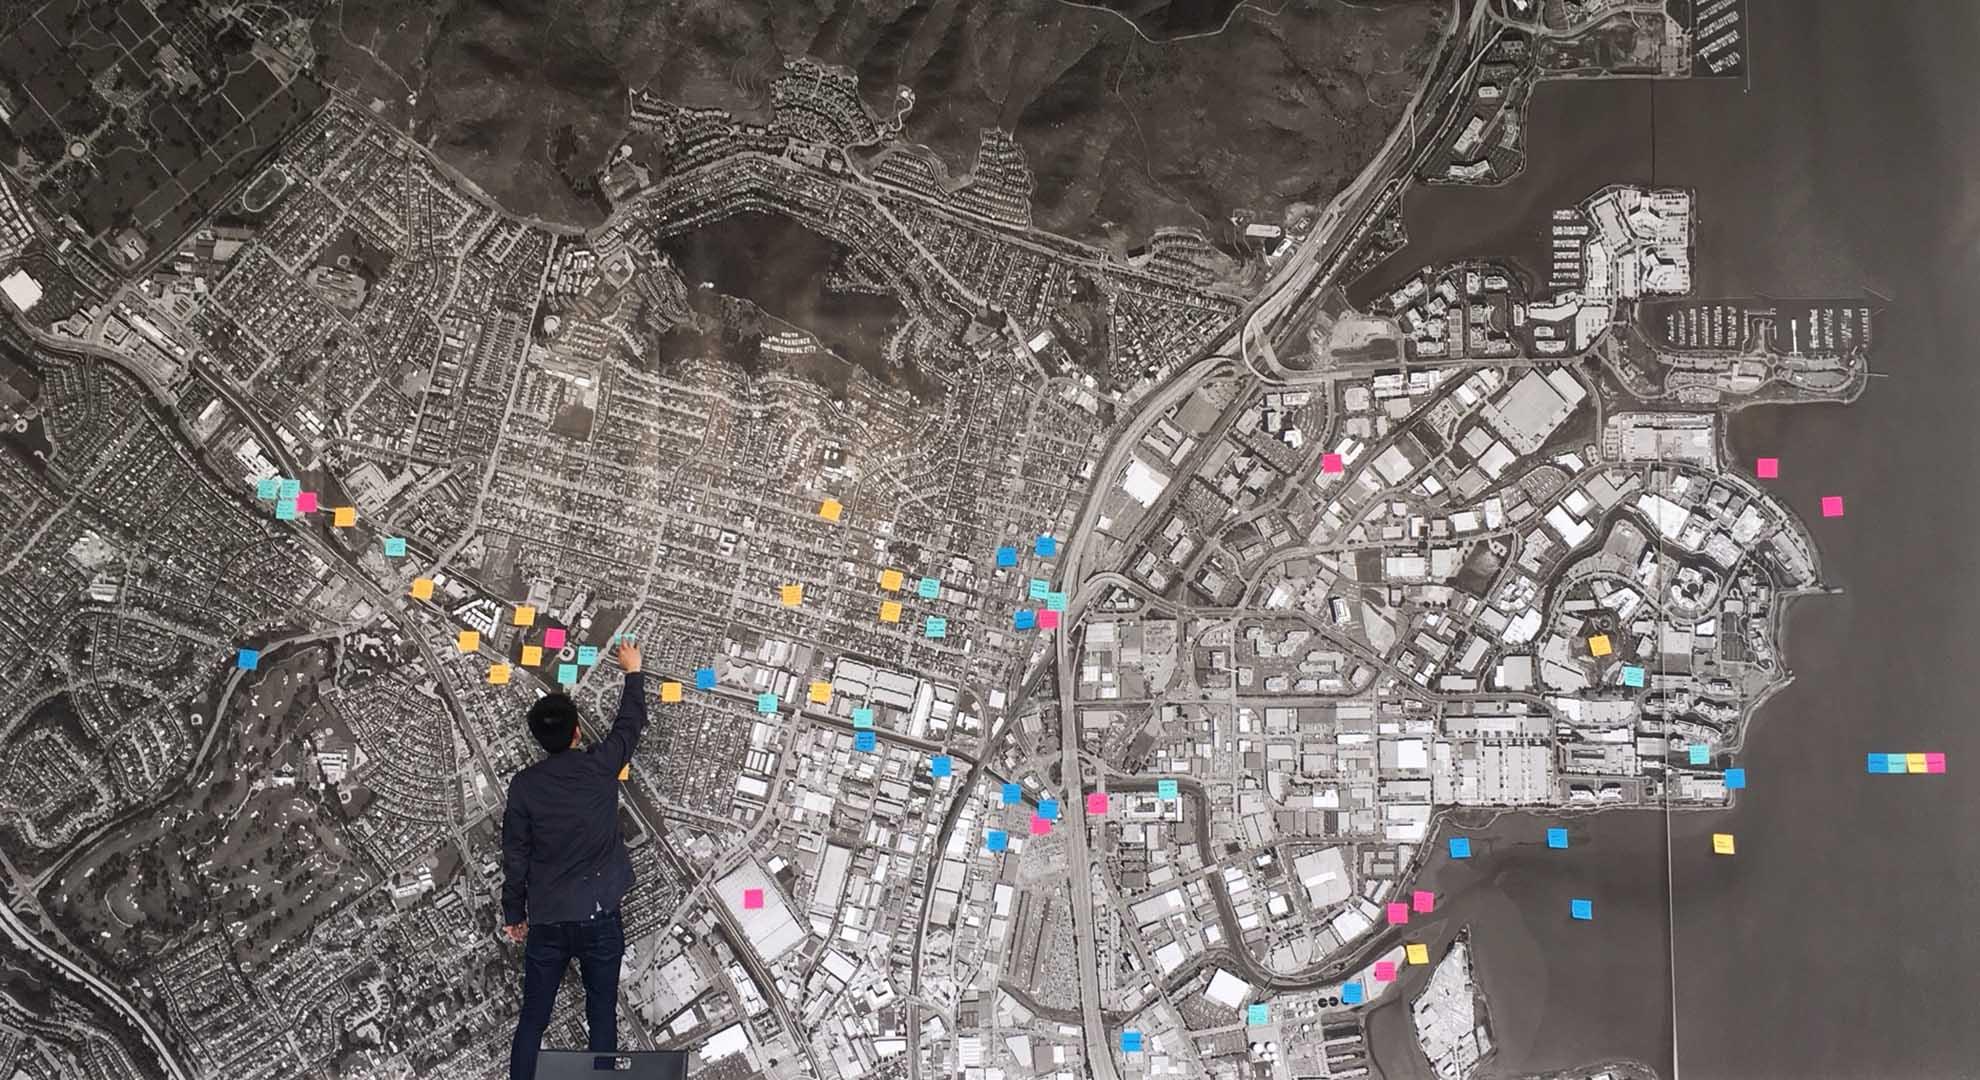 Los vecinos de las zonas residenciales de San Francisco aportaron ideas sobre el diseño de South City.